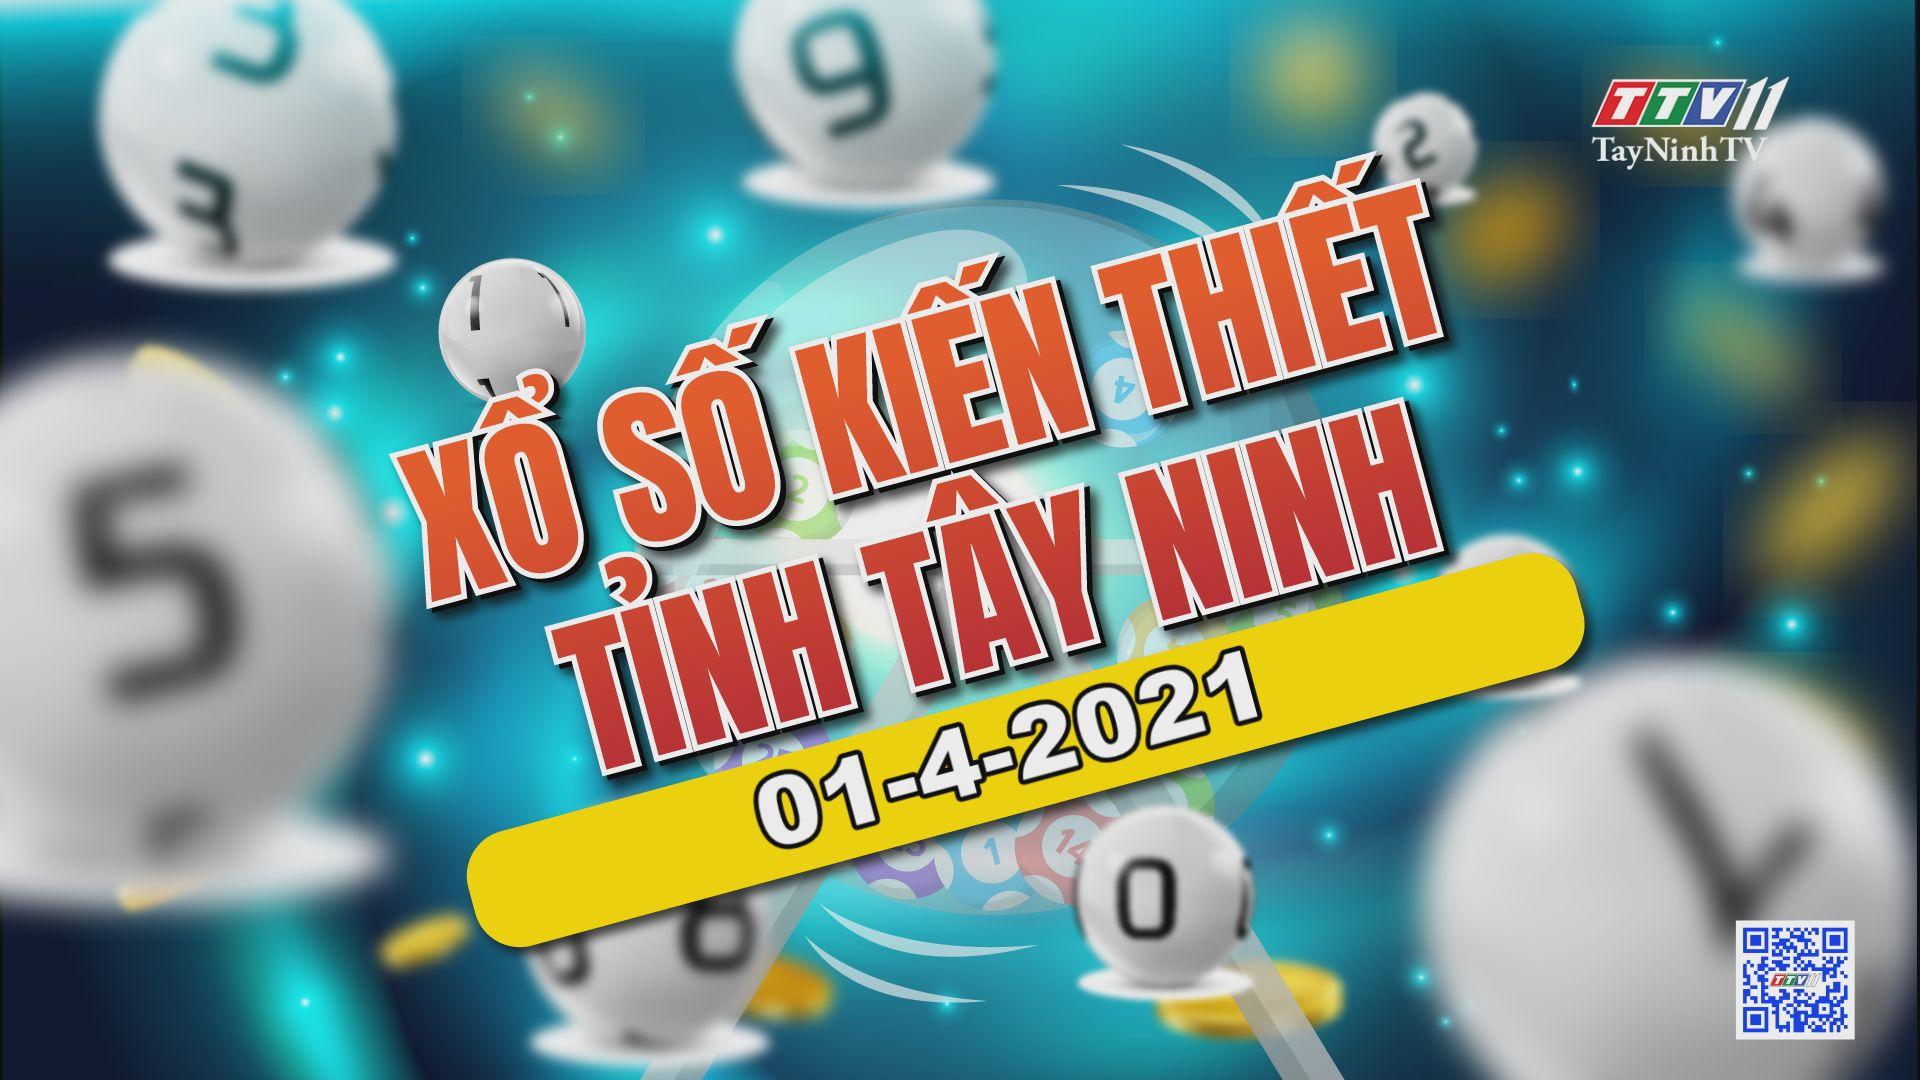 Trực tiếp Xổ số Tây Ninh ngày 01-4-2021 | TayNinhTVE